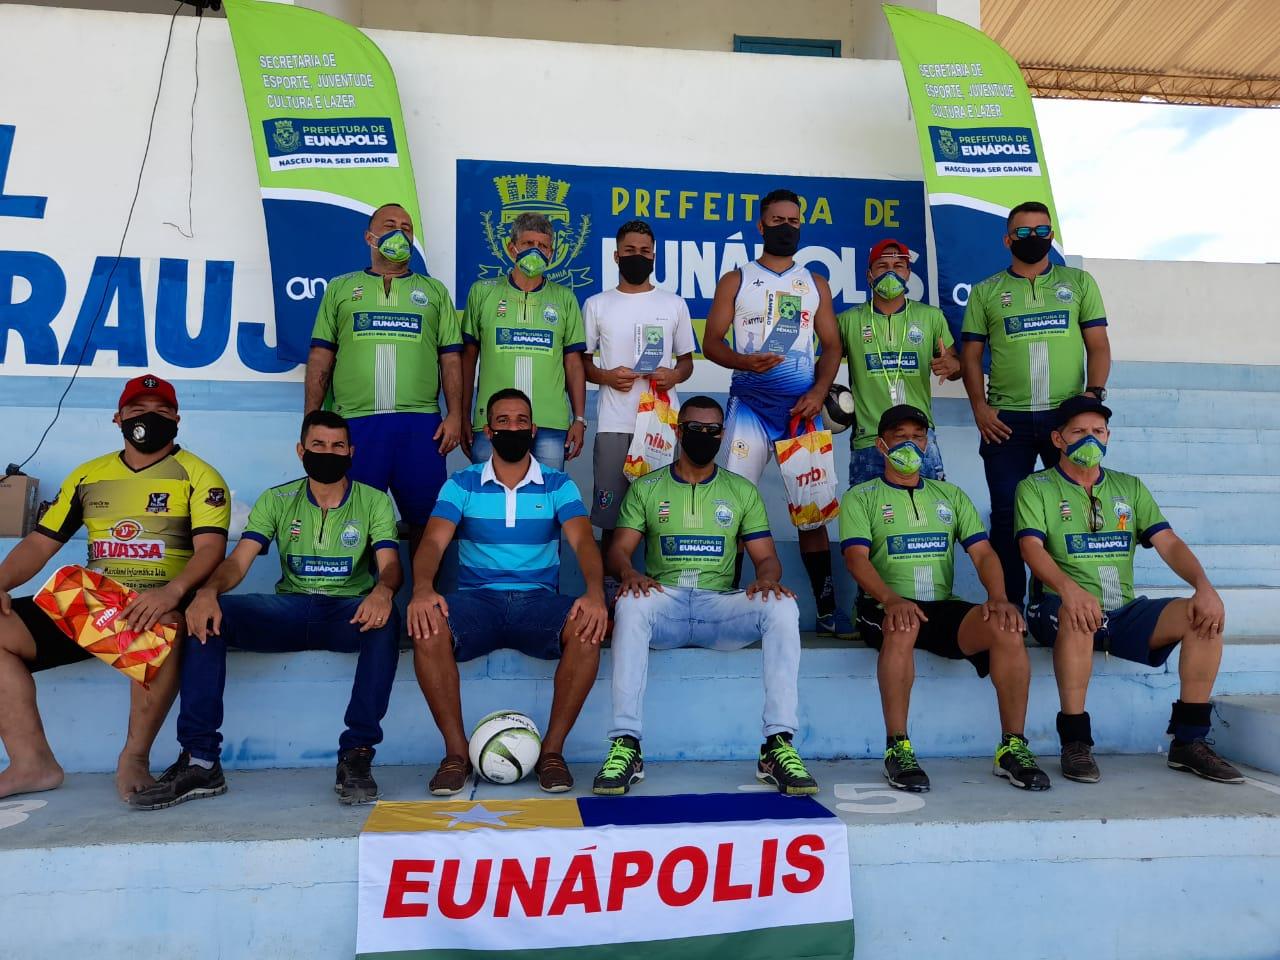 1º Torneio de Pênalti de Eunápolis envolveu 50 atletas entre homens e mulheres 27